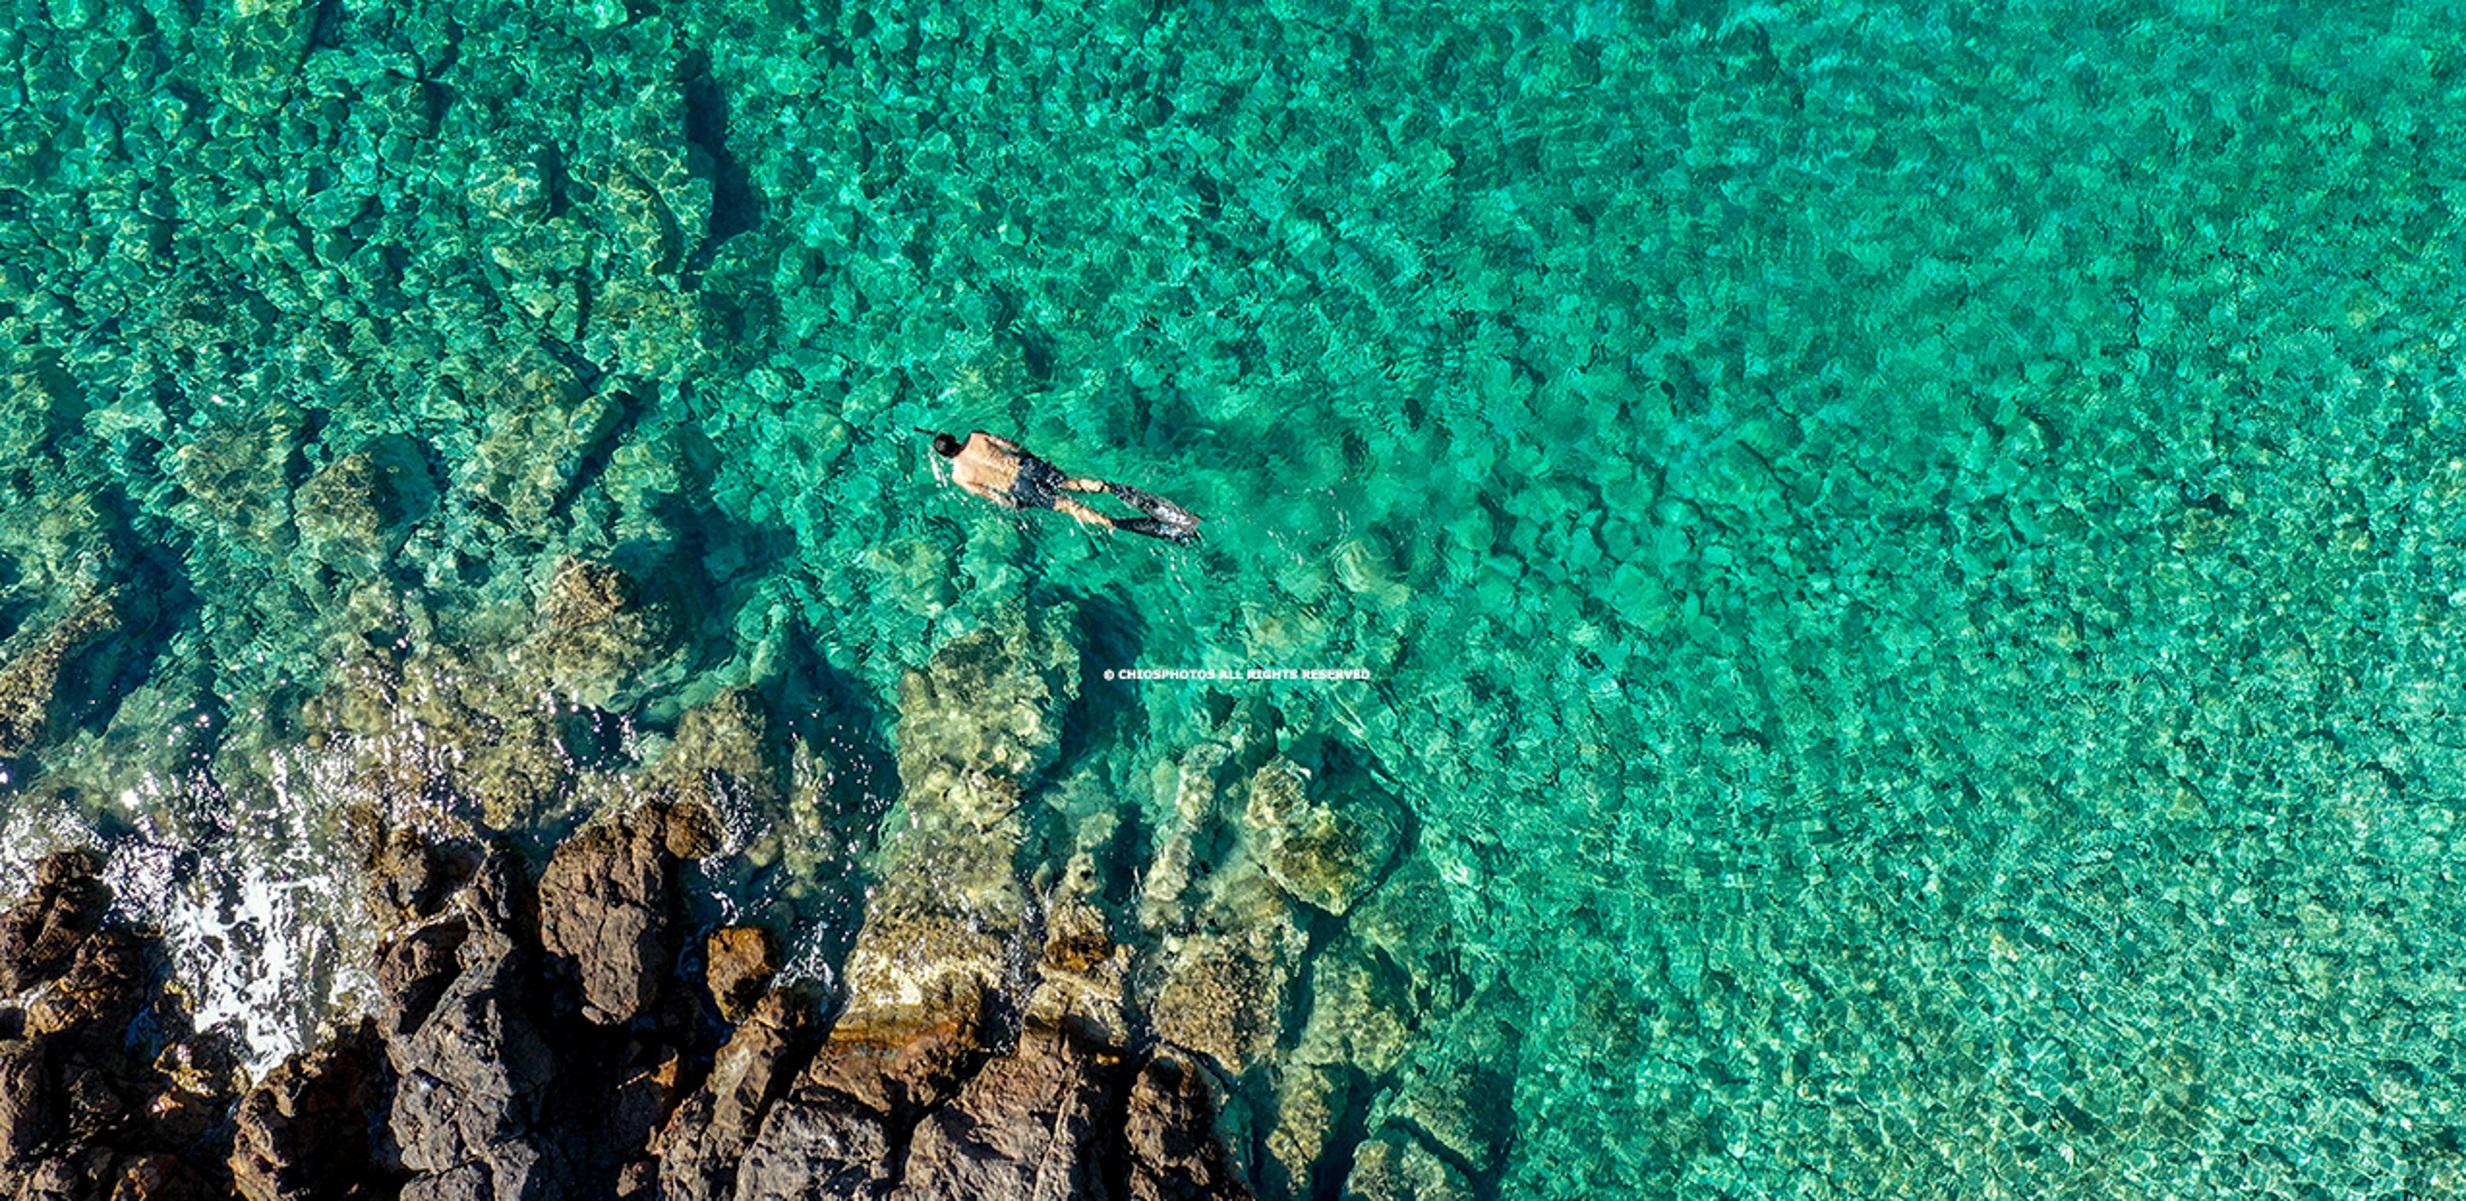 Χίος: Η κρυμμένη παραλία του Αγίου Νικήτα με τα γαλαζοπράσινα νερά